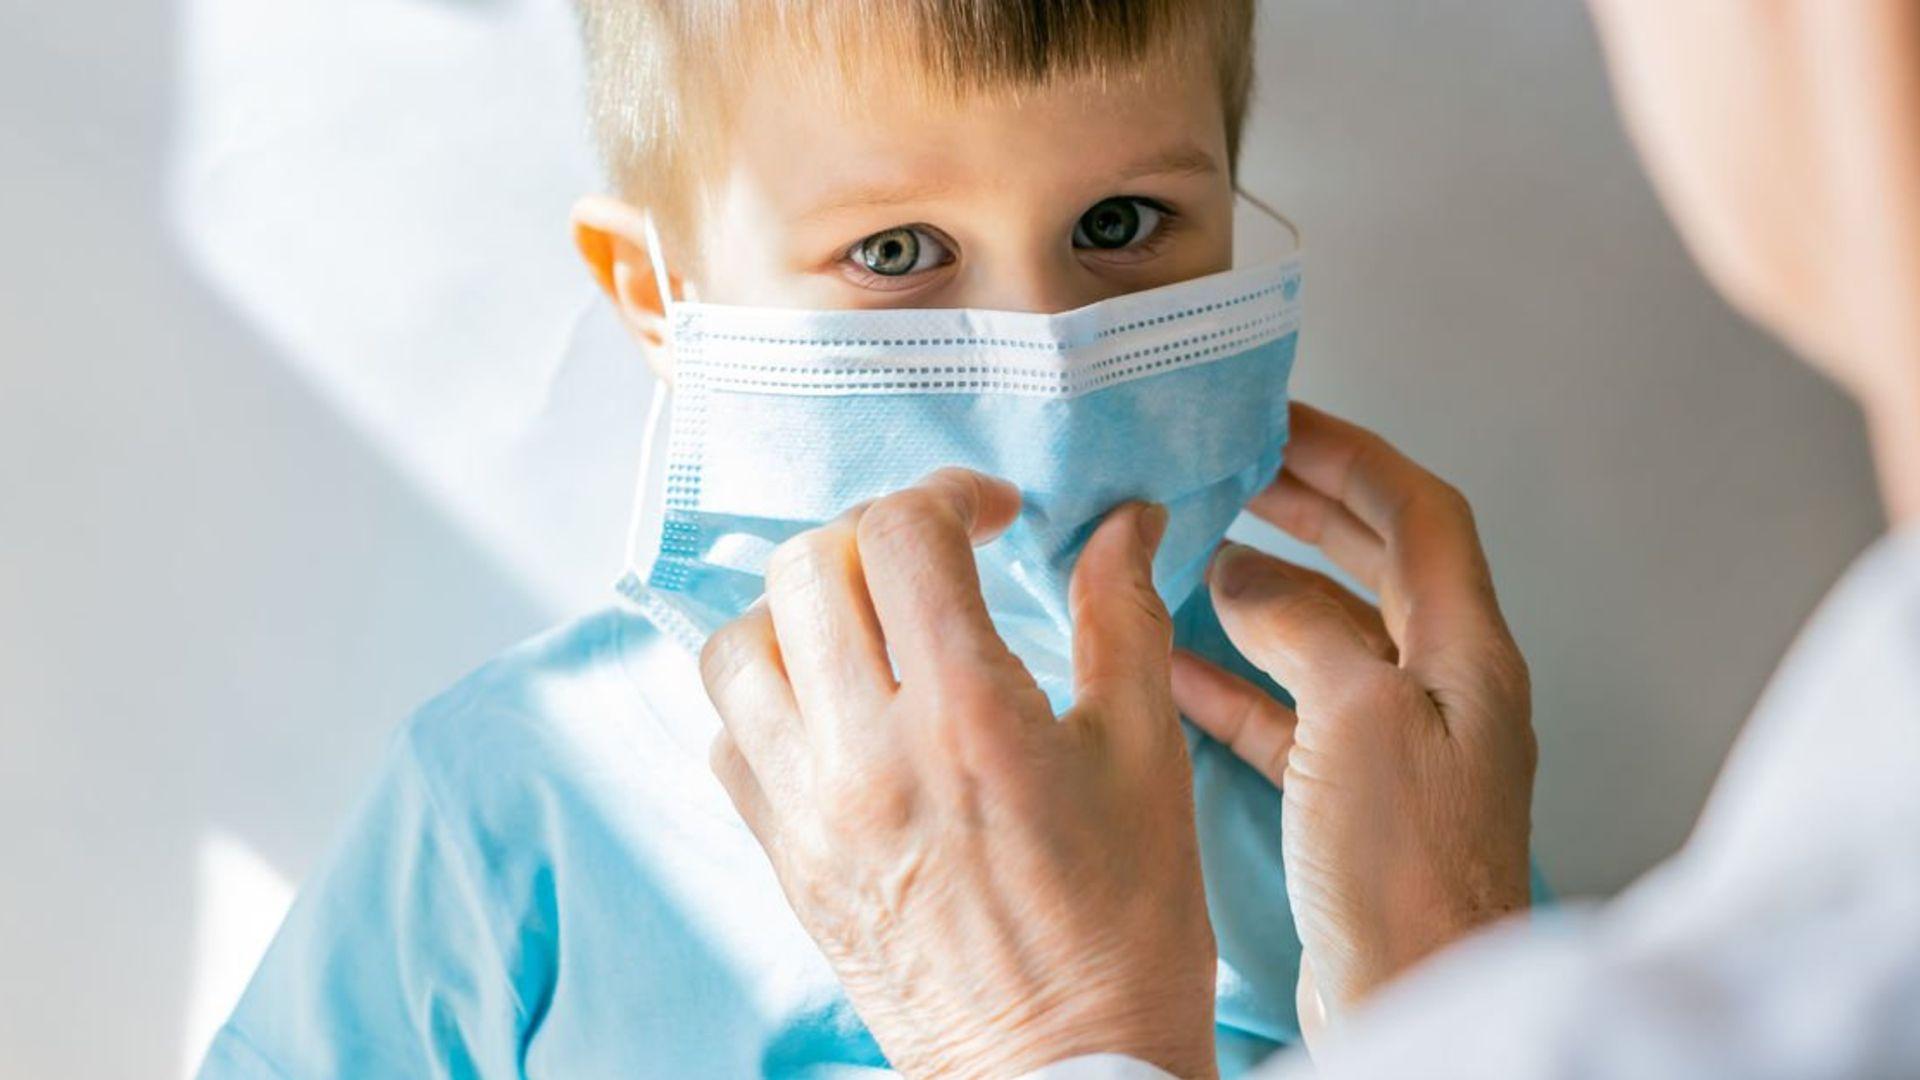 Çocuklarda kış hastalıkları: Son dakika dikkat edilmesi gerekenler